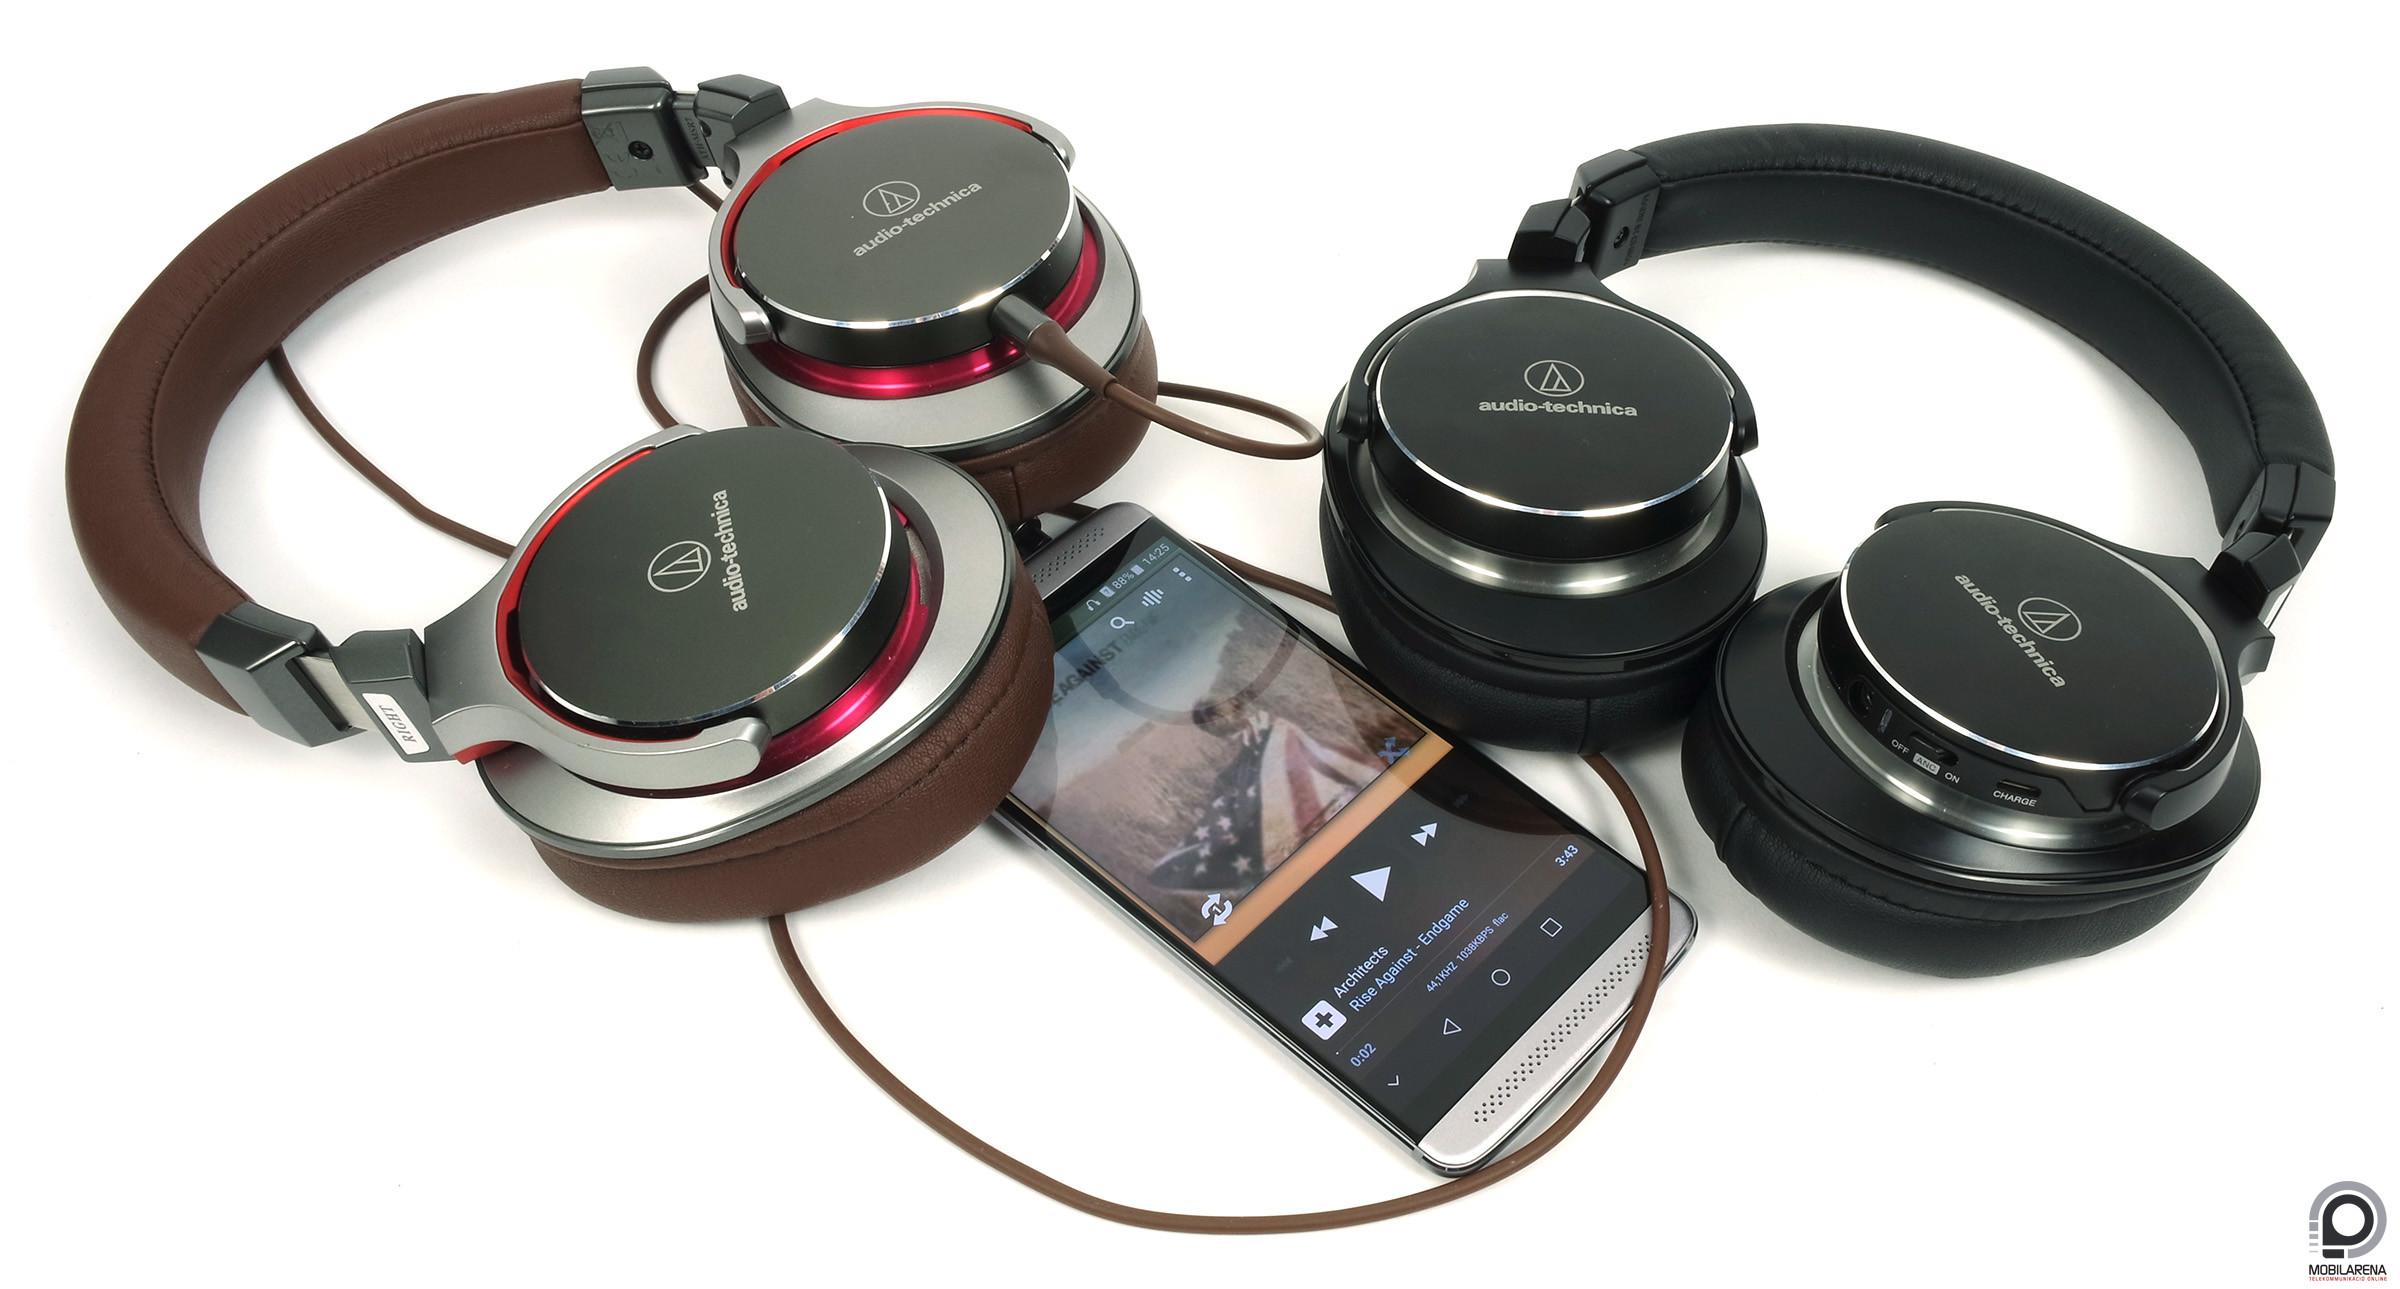 Egy jobb hangminőségű mobil már bőven élvezhető szintre hozza mindkettőt 8a1b40ad7e